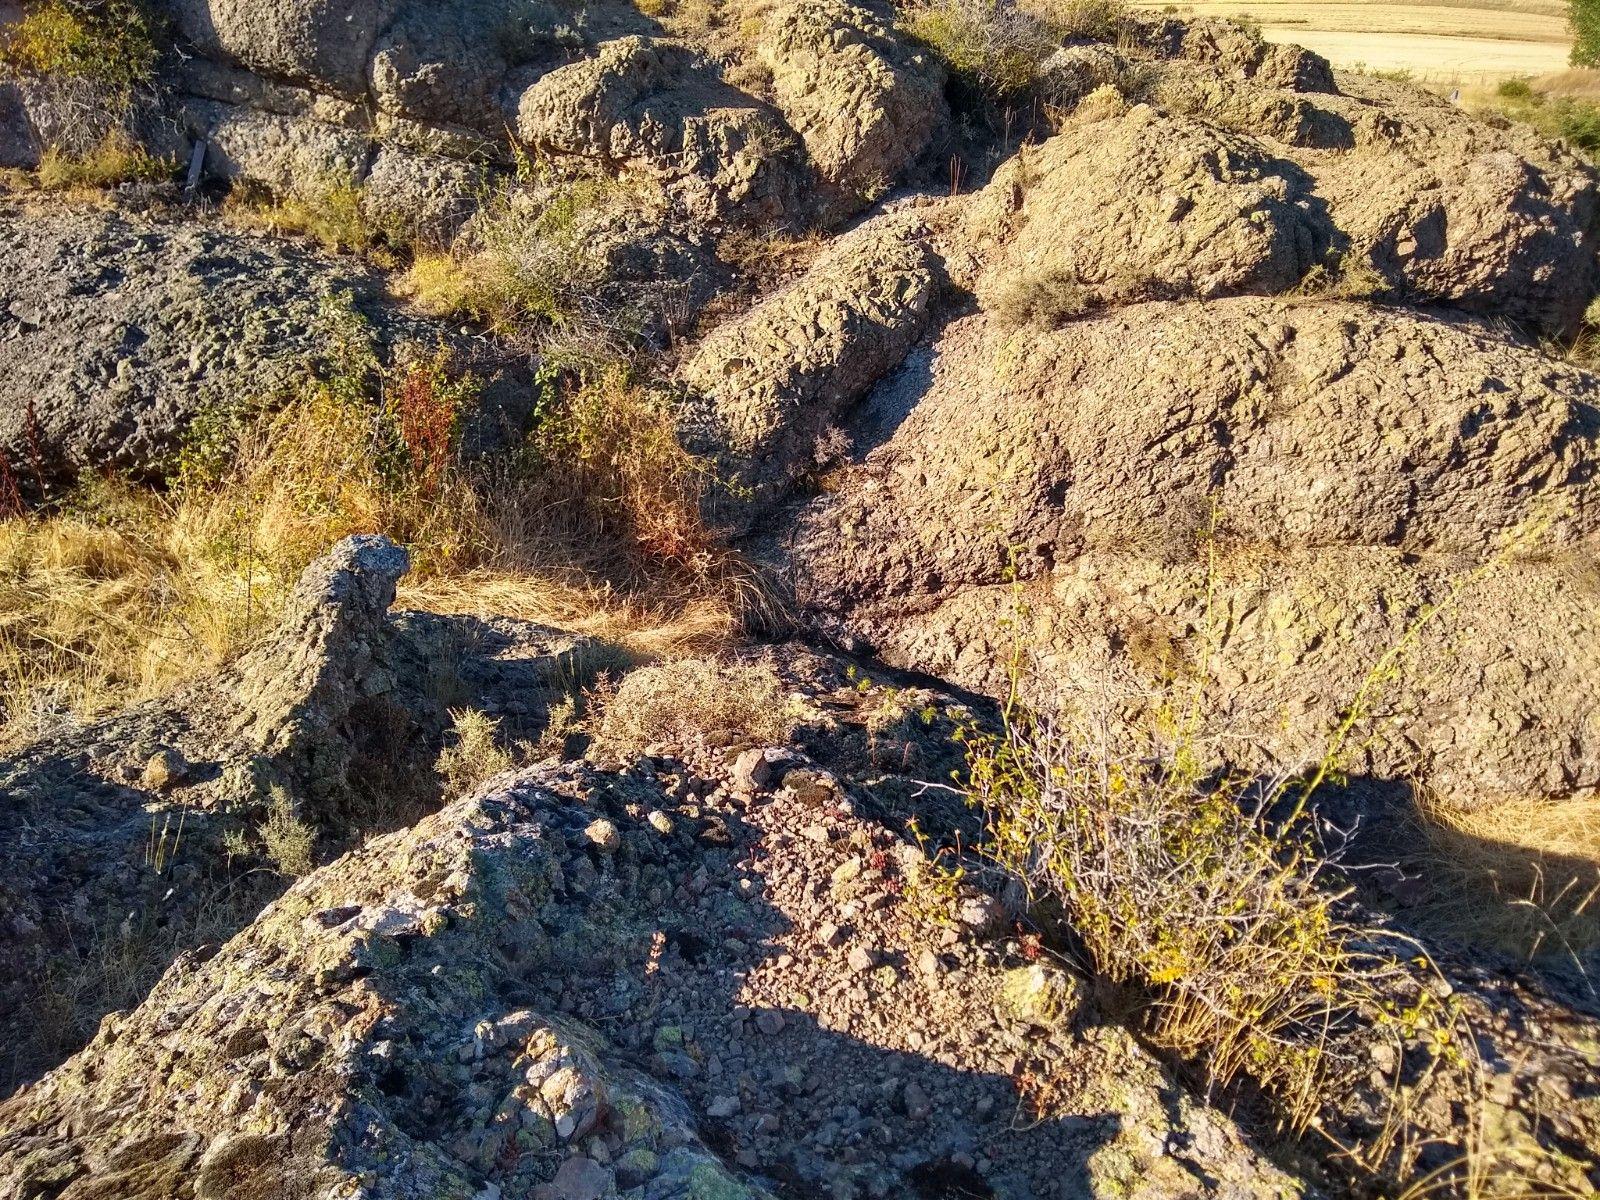 De cerca, la roca volcánica nos muestra cómo salió de la tierra. Su tacto es duro, áspero. A diferencia de otras rocas volcánicas, ésta pesa